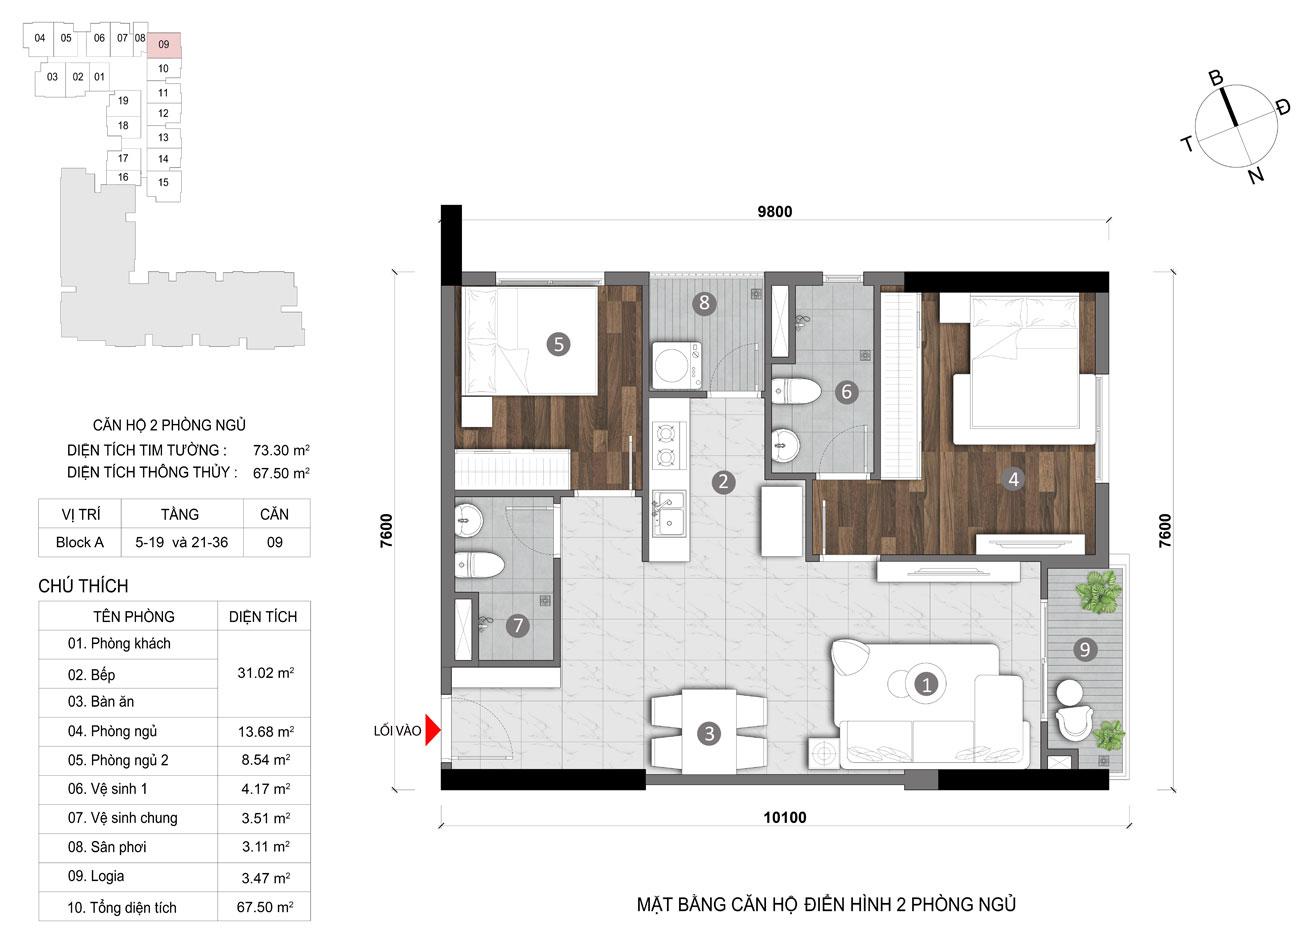 Thiết kế chi tiết căn hộ diện tích 67.5m2 dự án căn hộ chung cư Opal Skyline Thuận An Đường Nguyễn Văn Tiết chủ đầu tư Đất Xanh